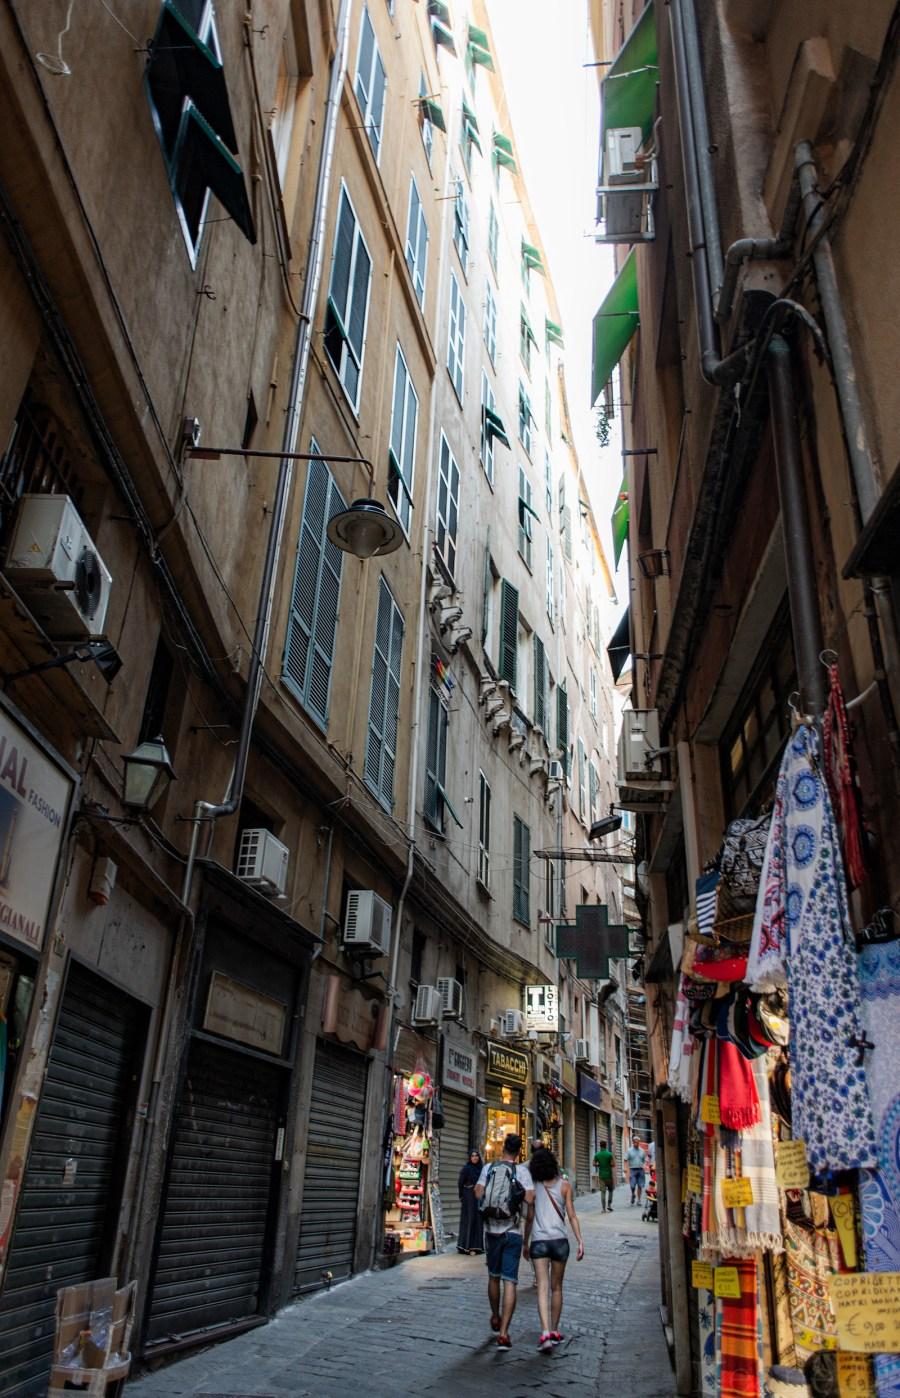 Centro Storico Streets in Genoa